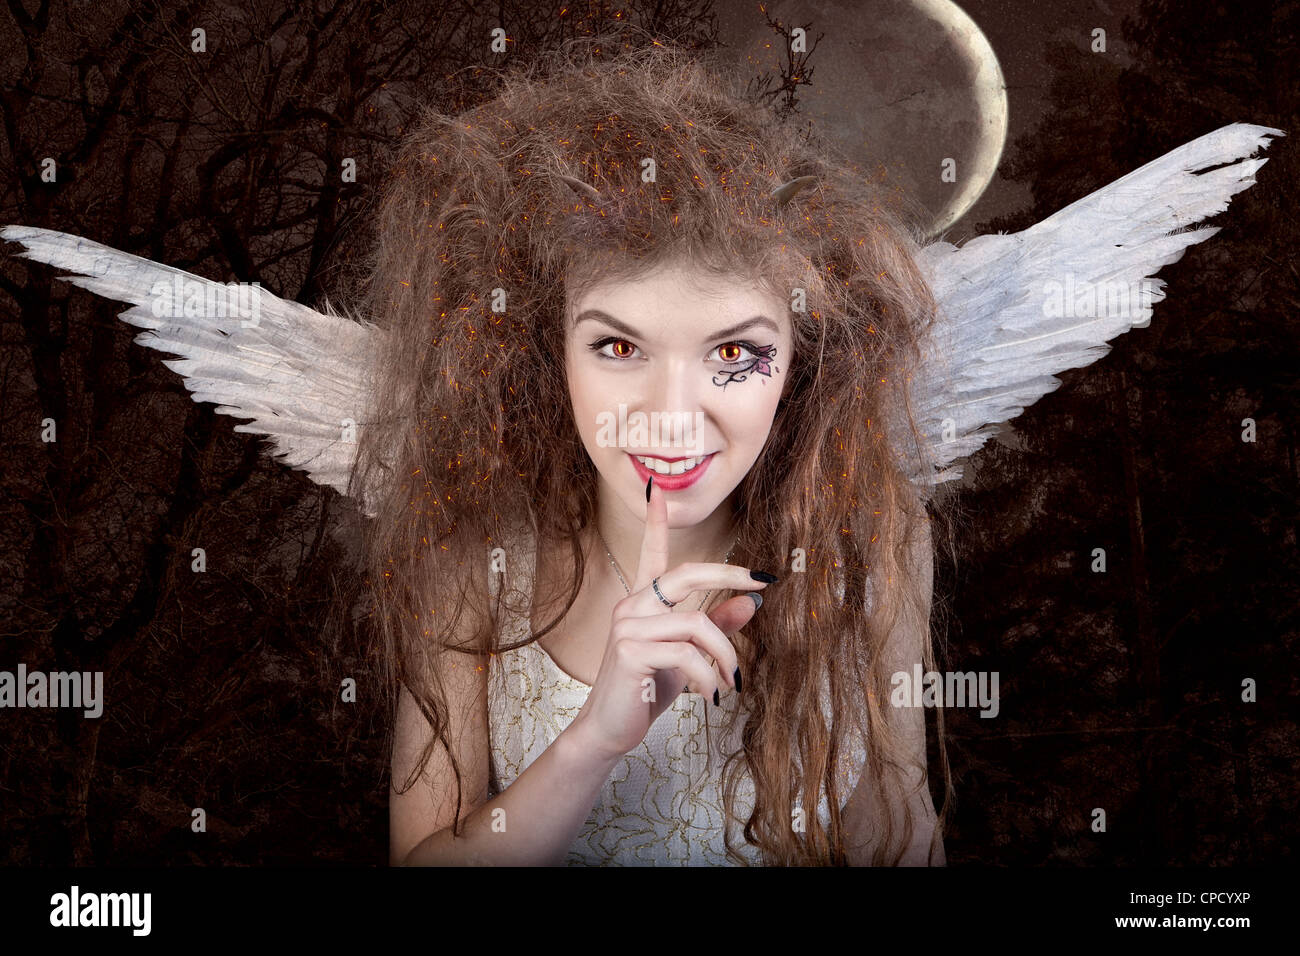 Bel ange avec des cornes, conte fantastique Photo Stock